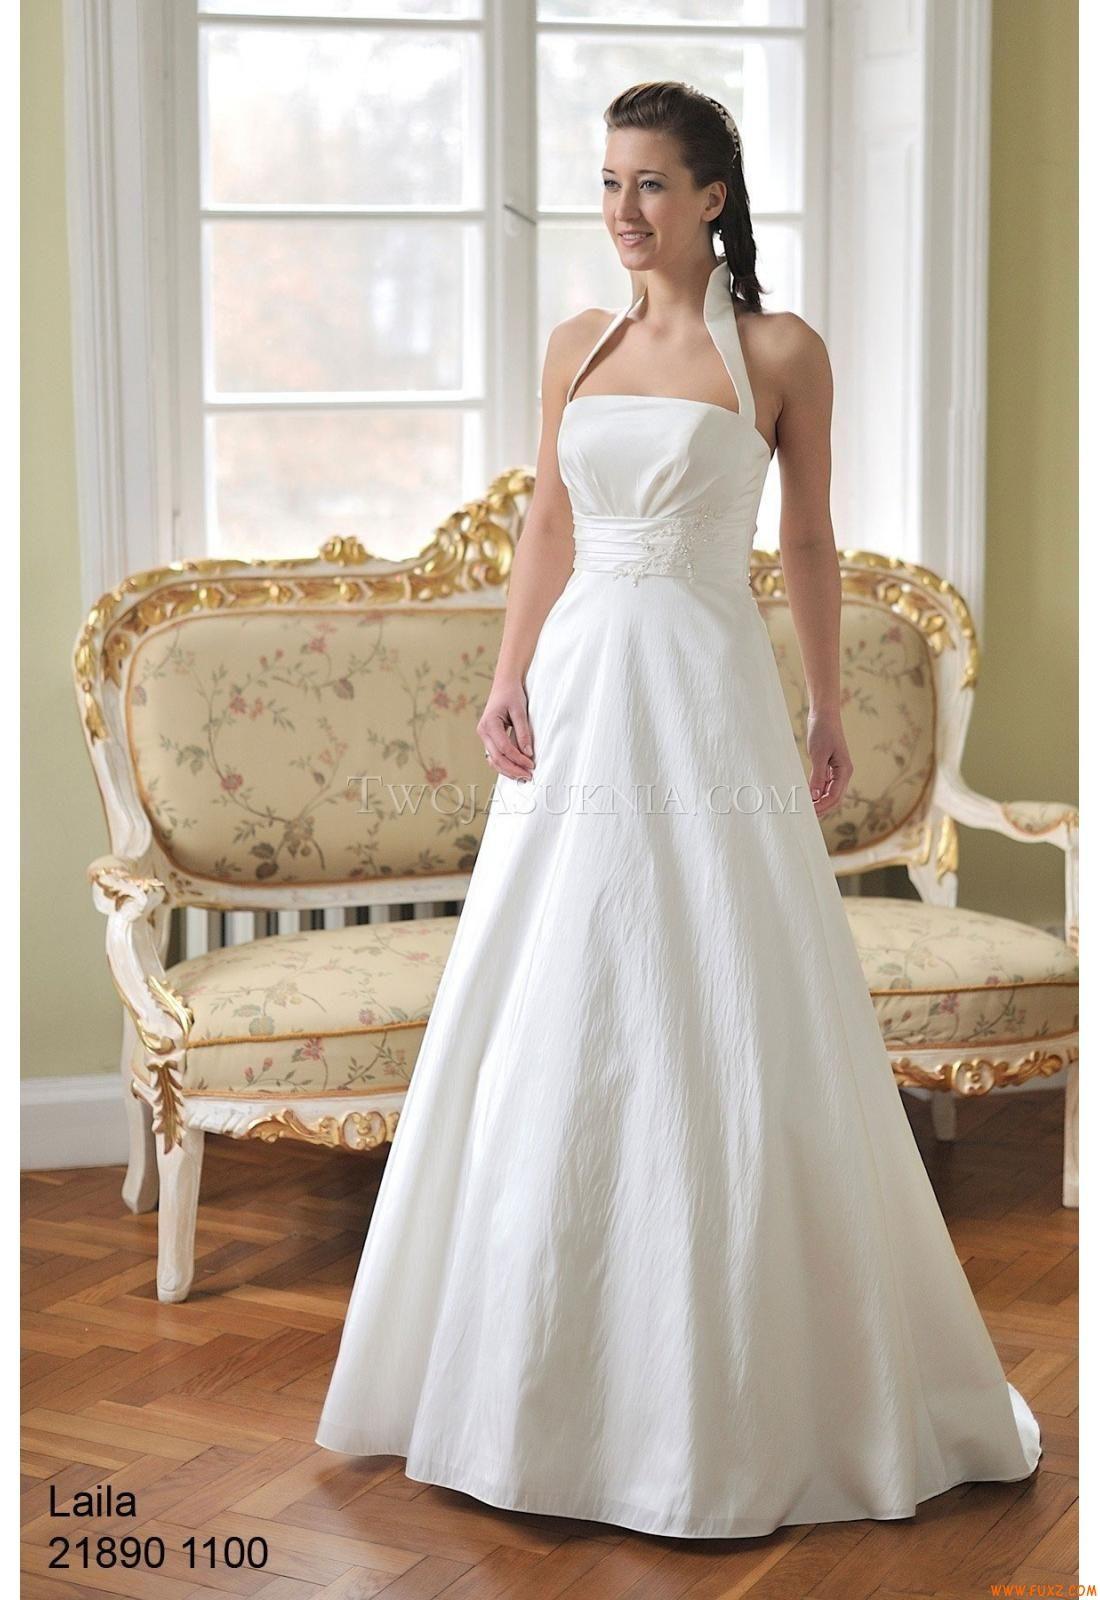 Wedding dresses cheap plus size  Wedding Dresses Lohrengel Laila Lignesse   cheap plus size